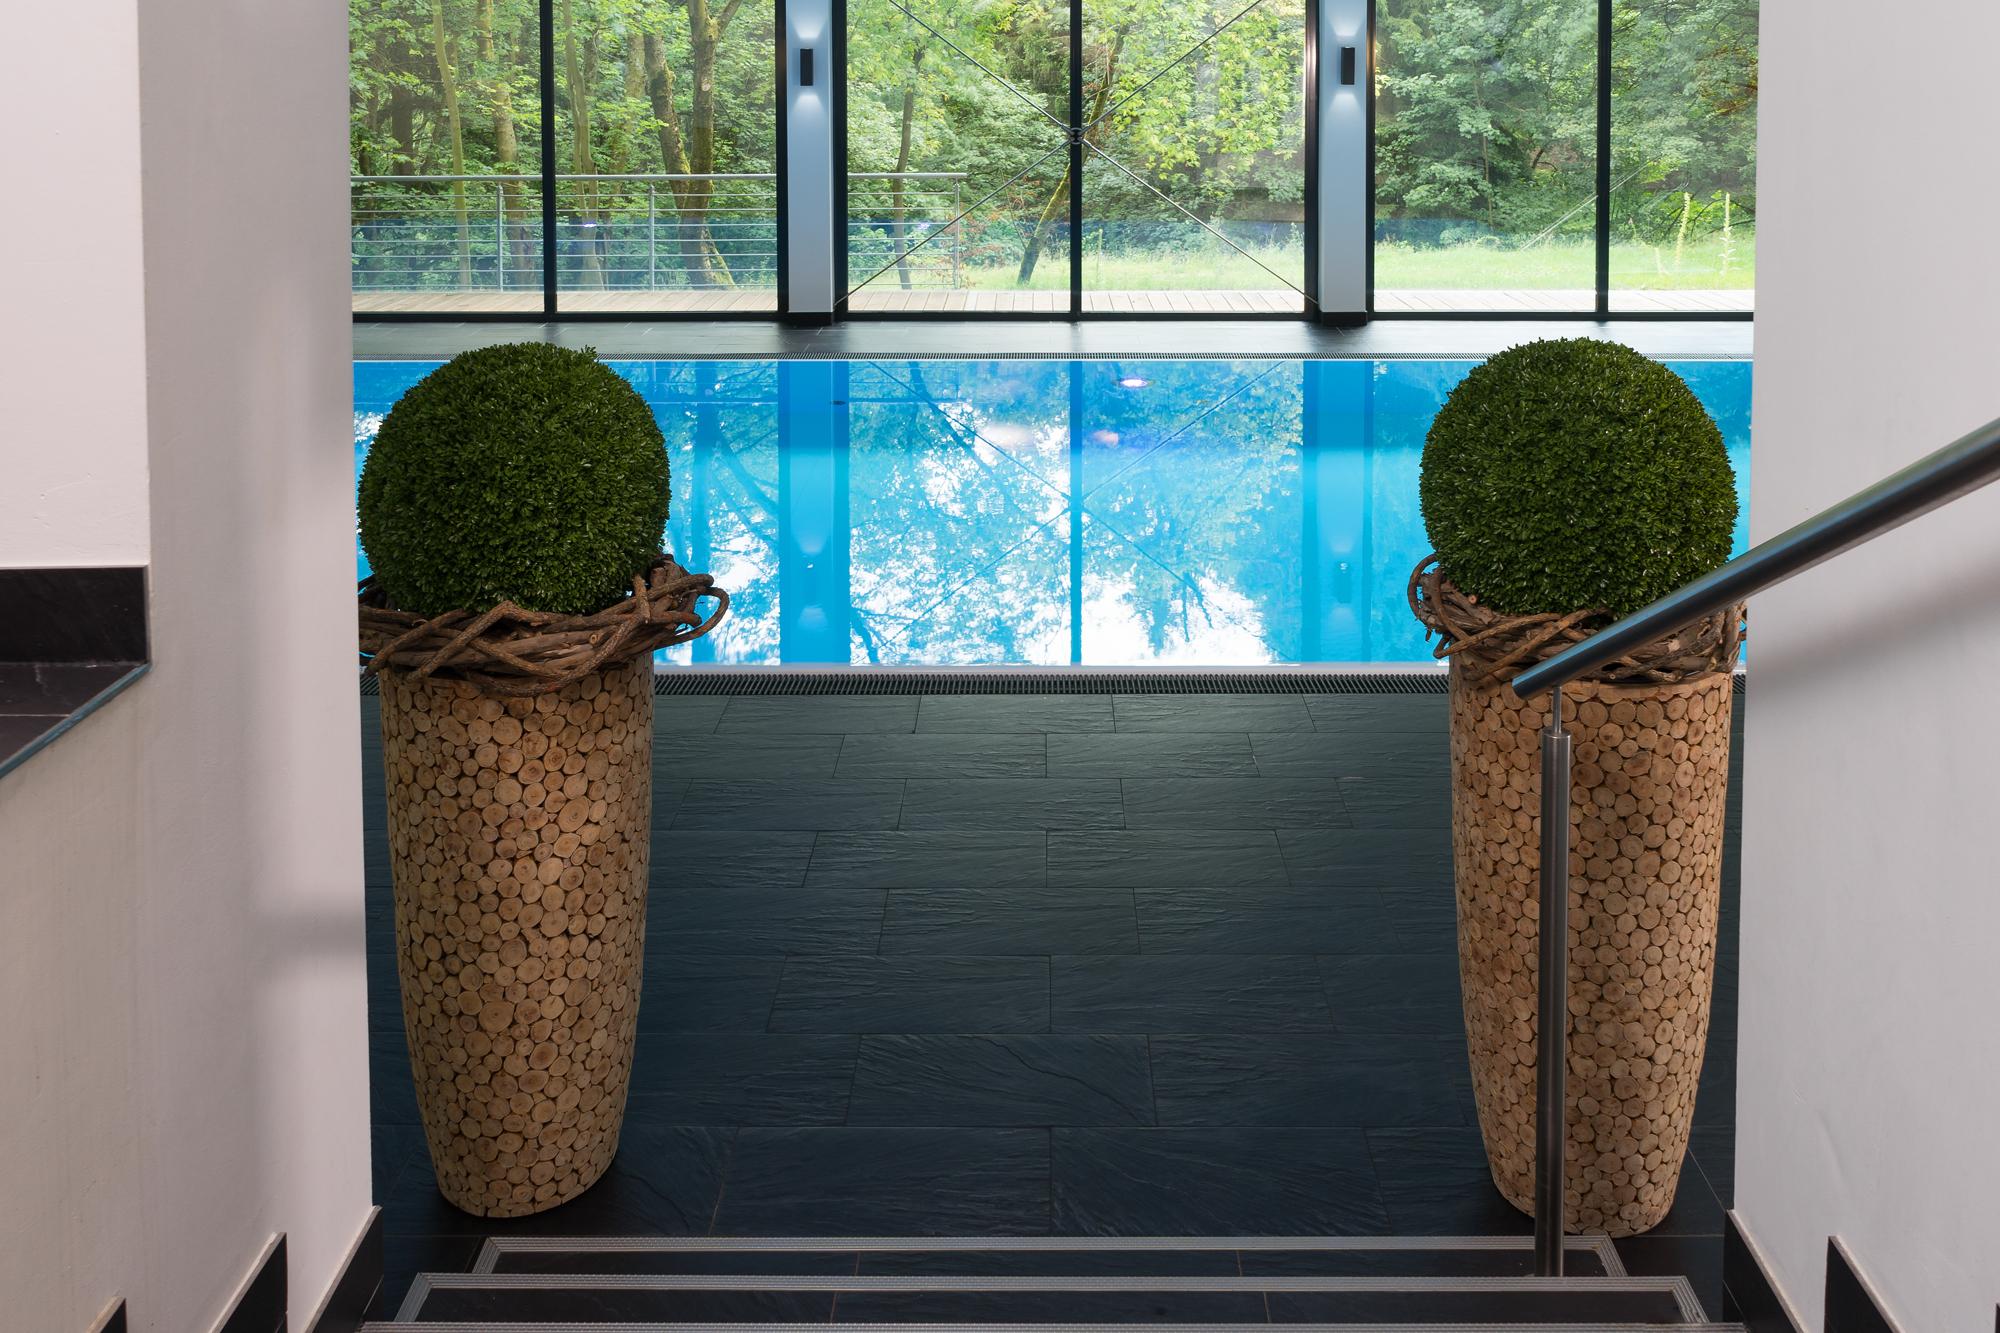 ausserdem empfängt einen das Schwimmbecken in strahlendem Blau